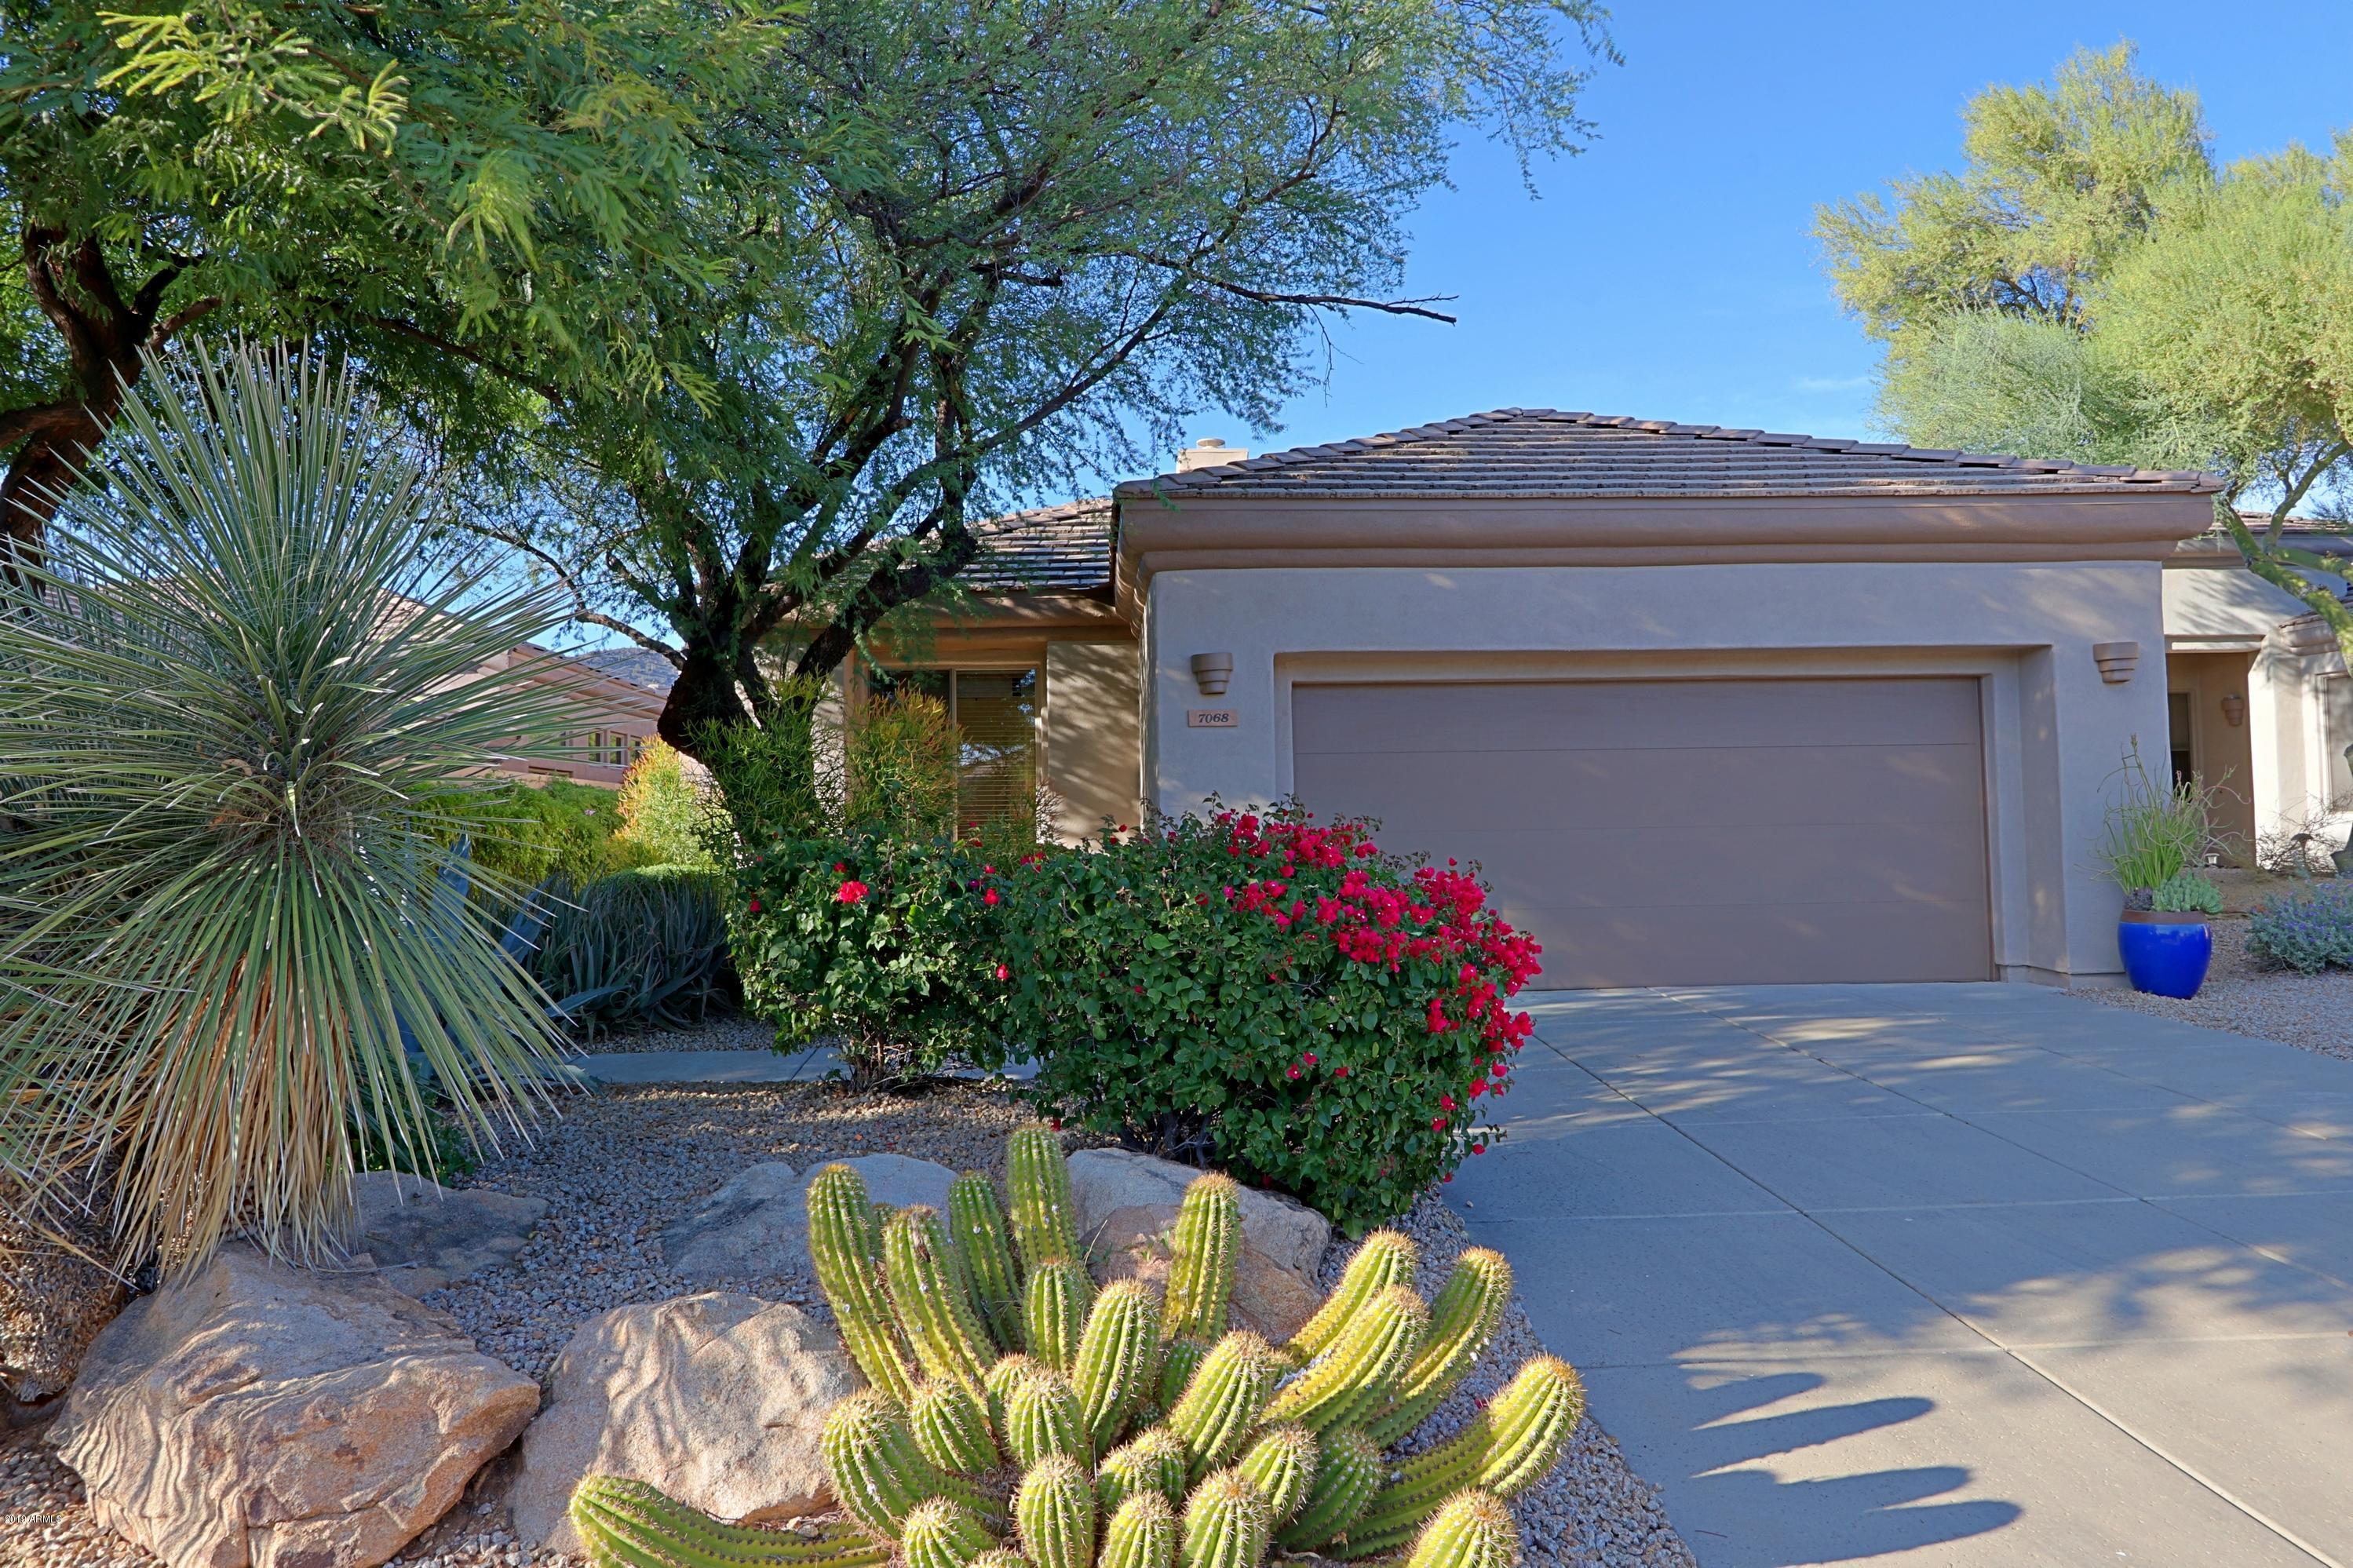 Photo of 7068 E WHISPERING MESQUITE Trail, Scottsdale, AZ 85266